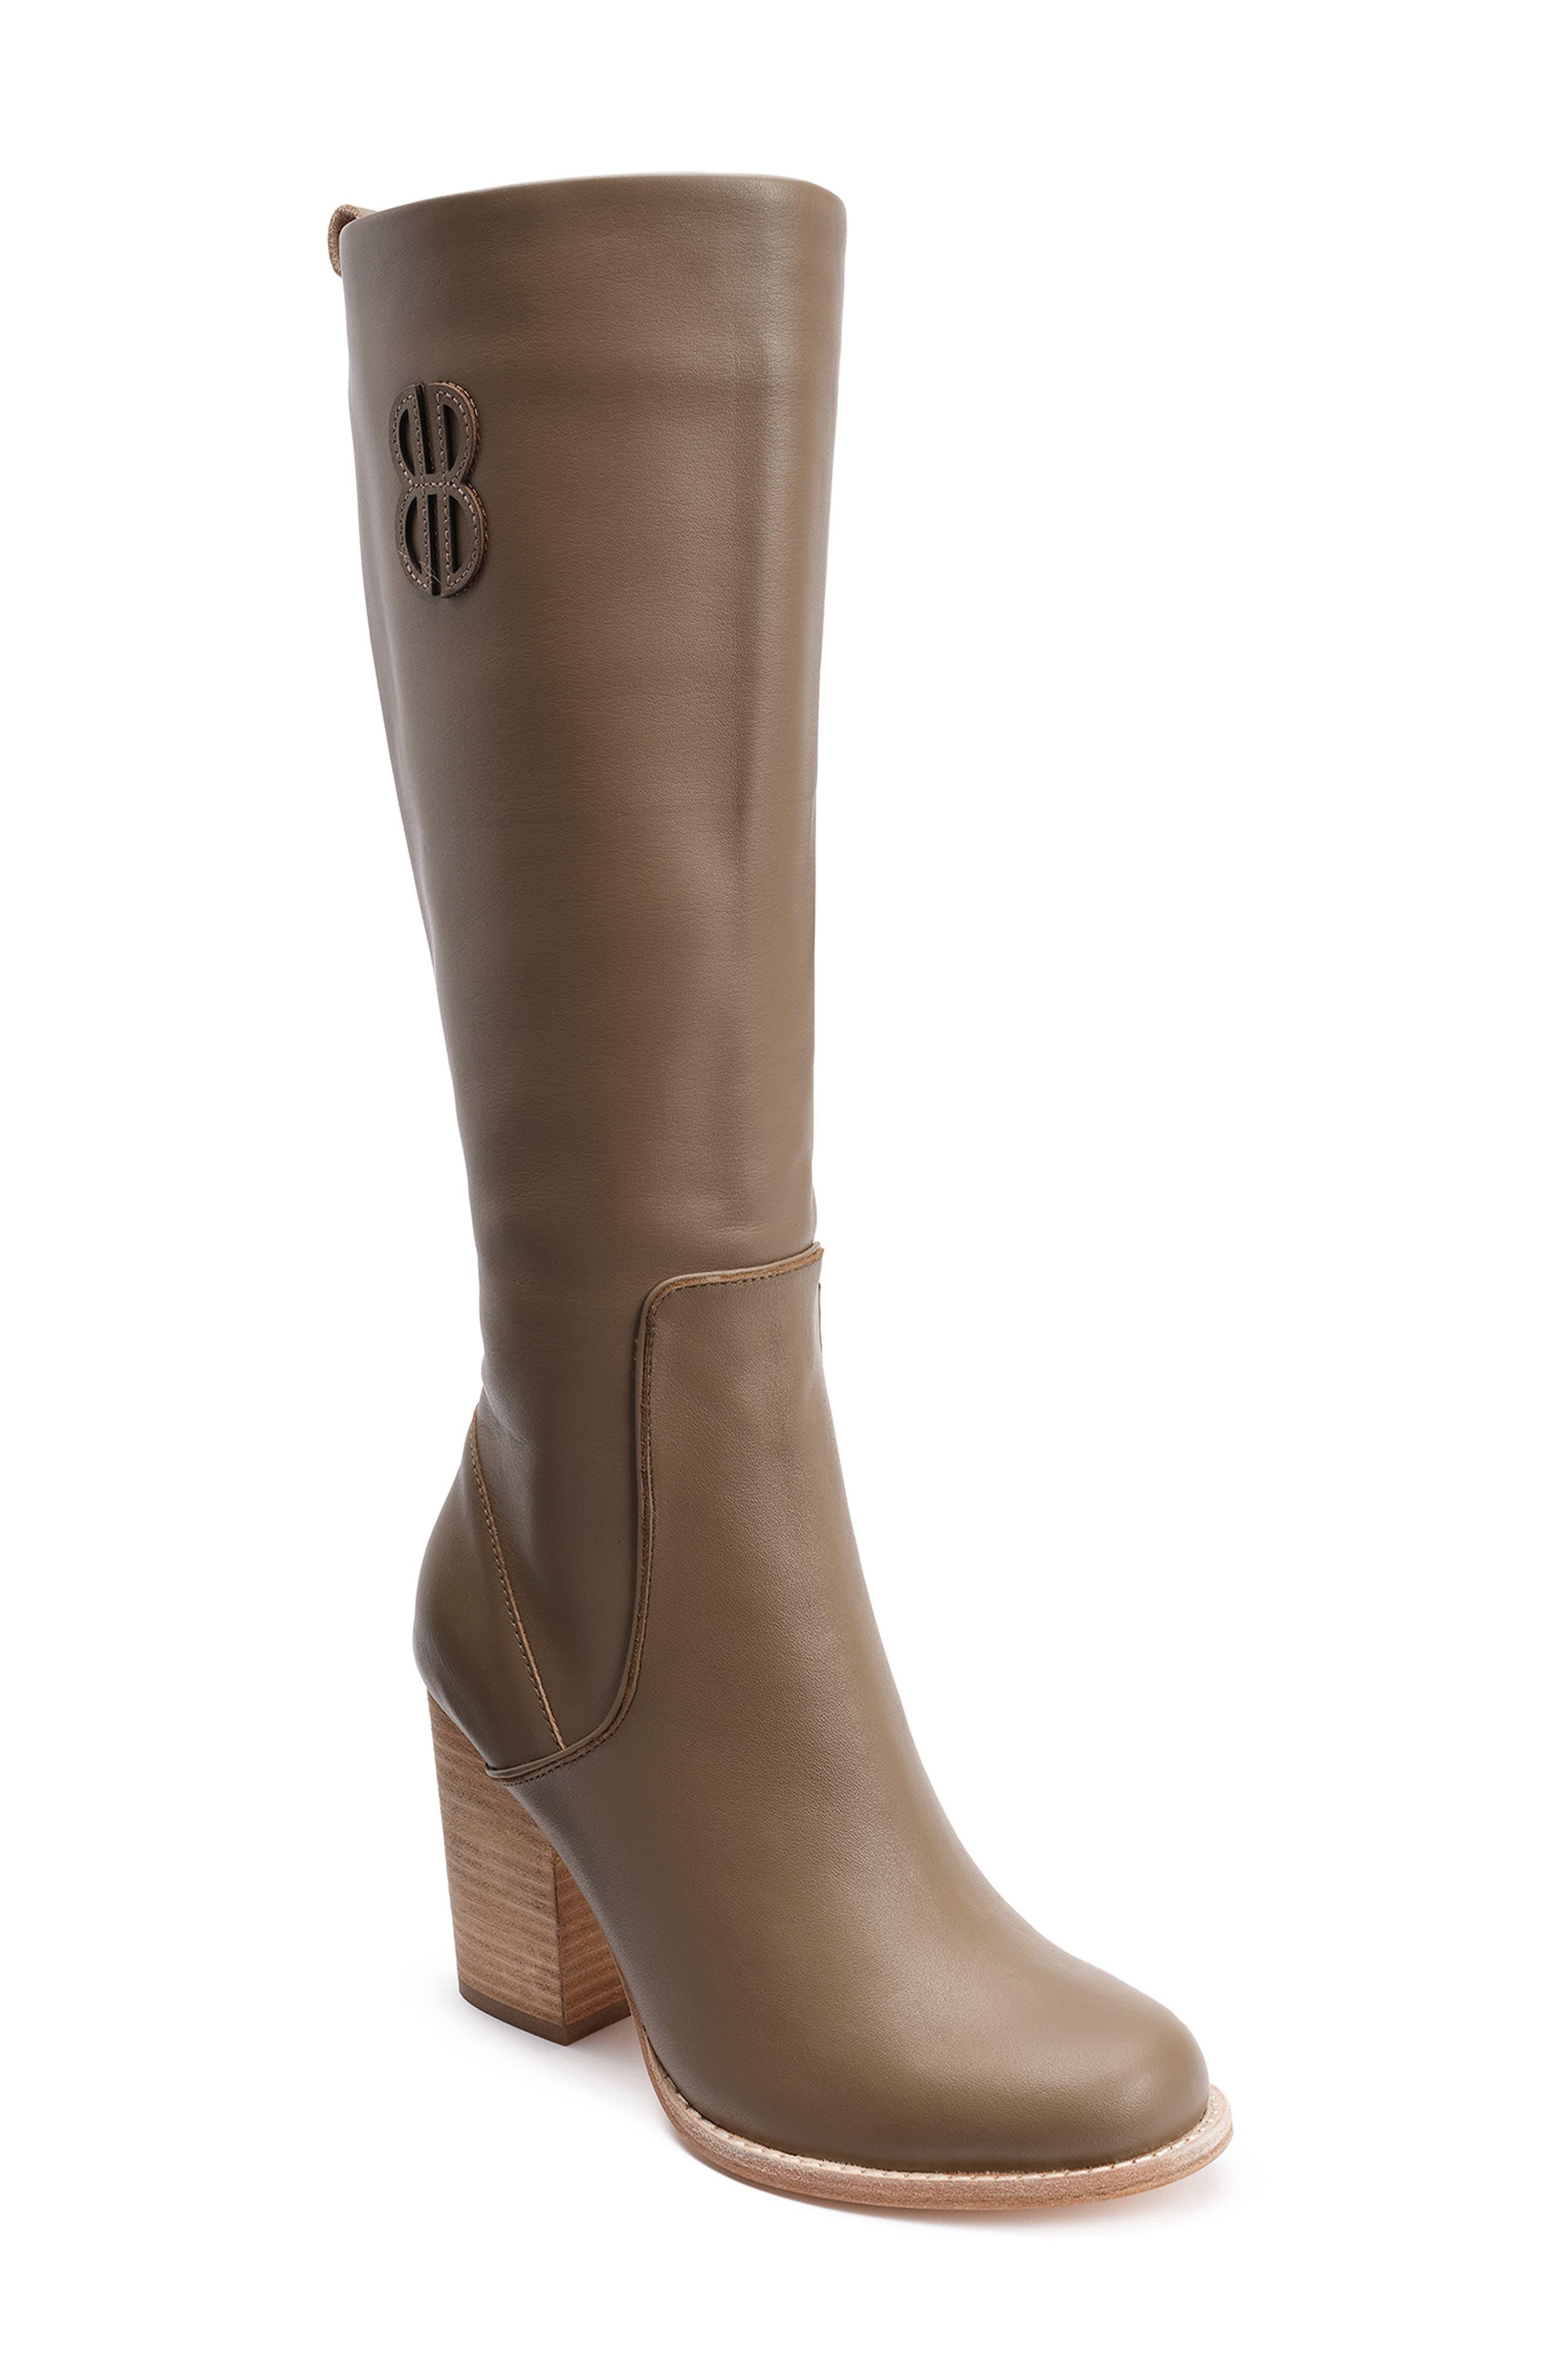 Bill Blass Bb Knee High Boot, Beige